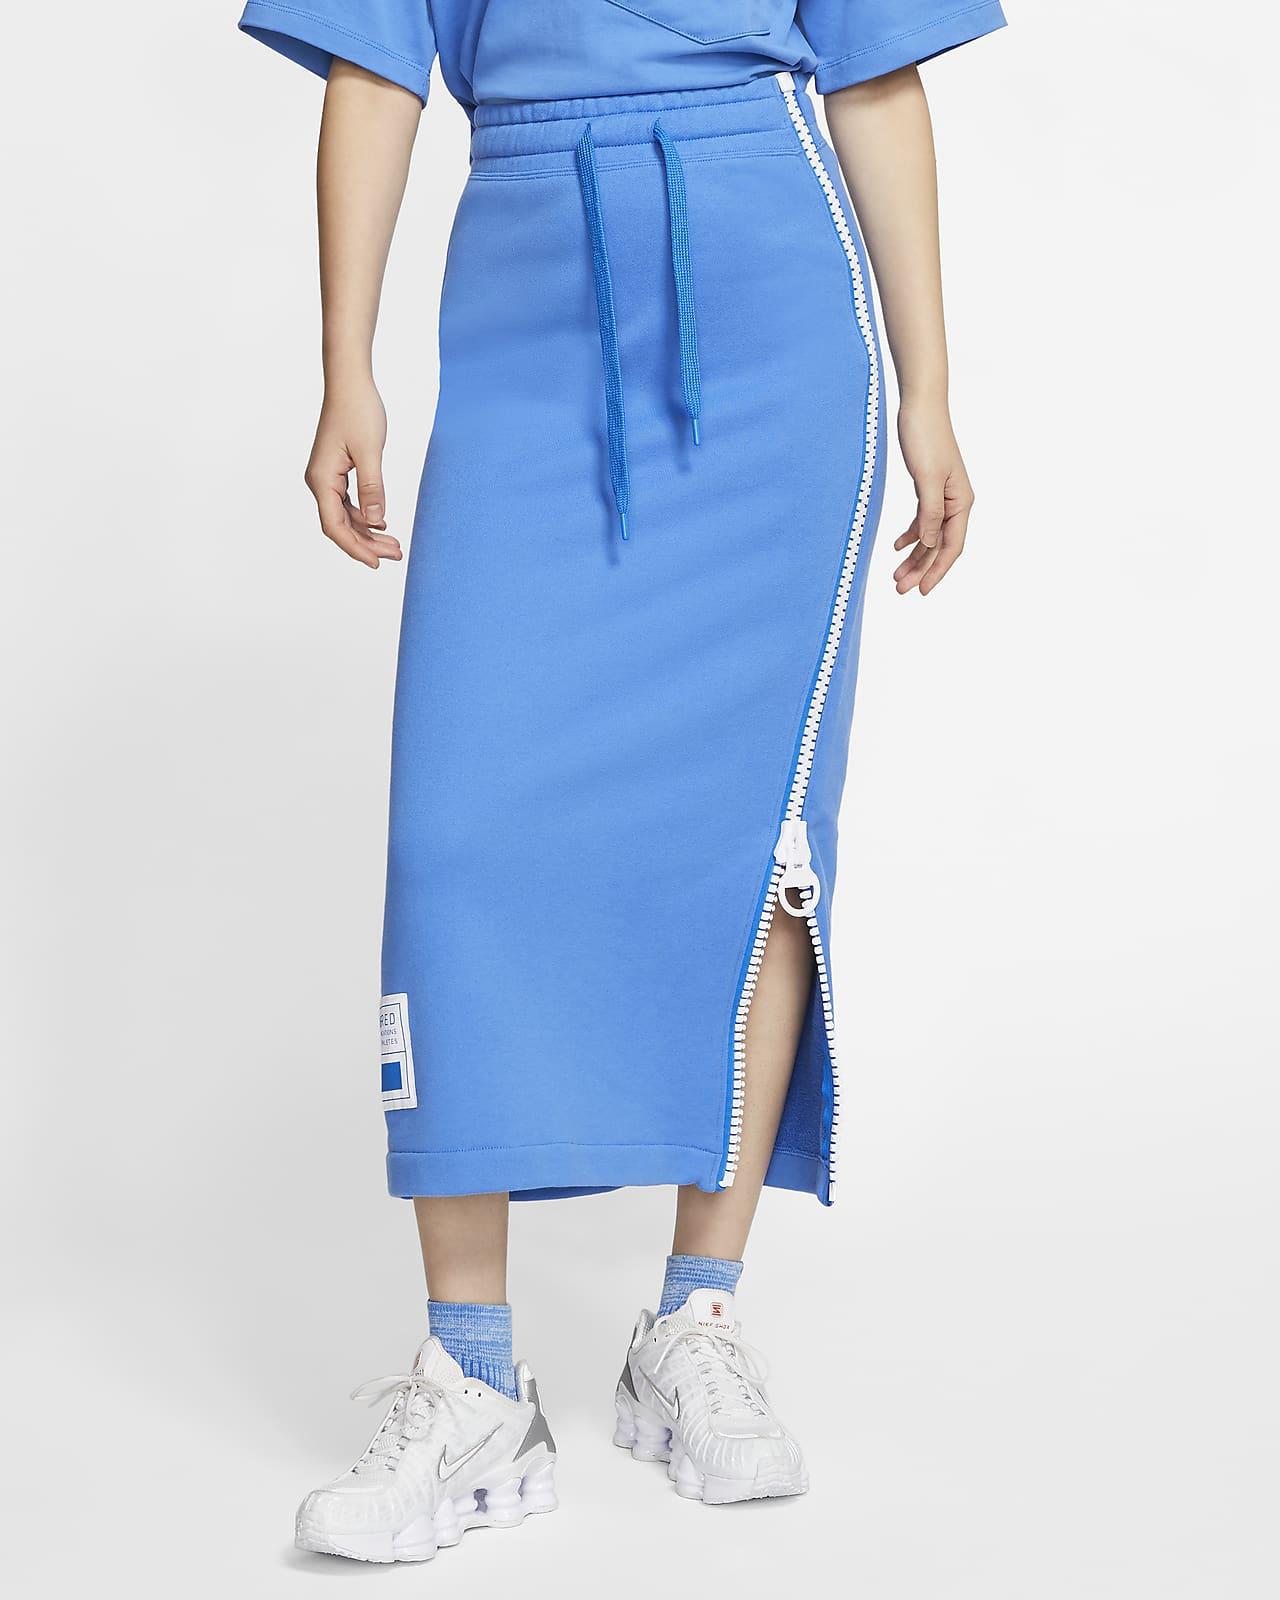 Nike Sportswear NSW 女款 Fleece 短裙